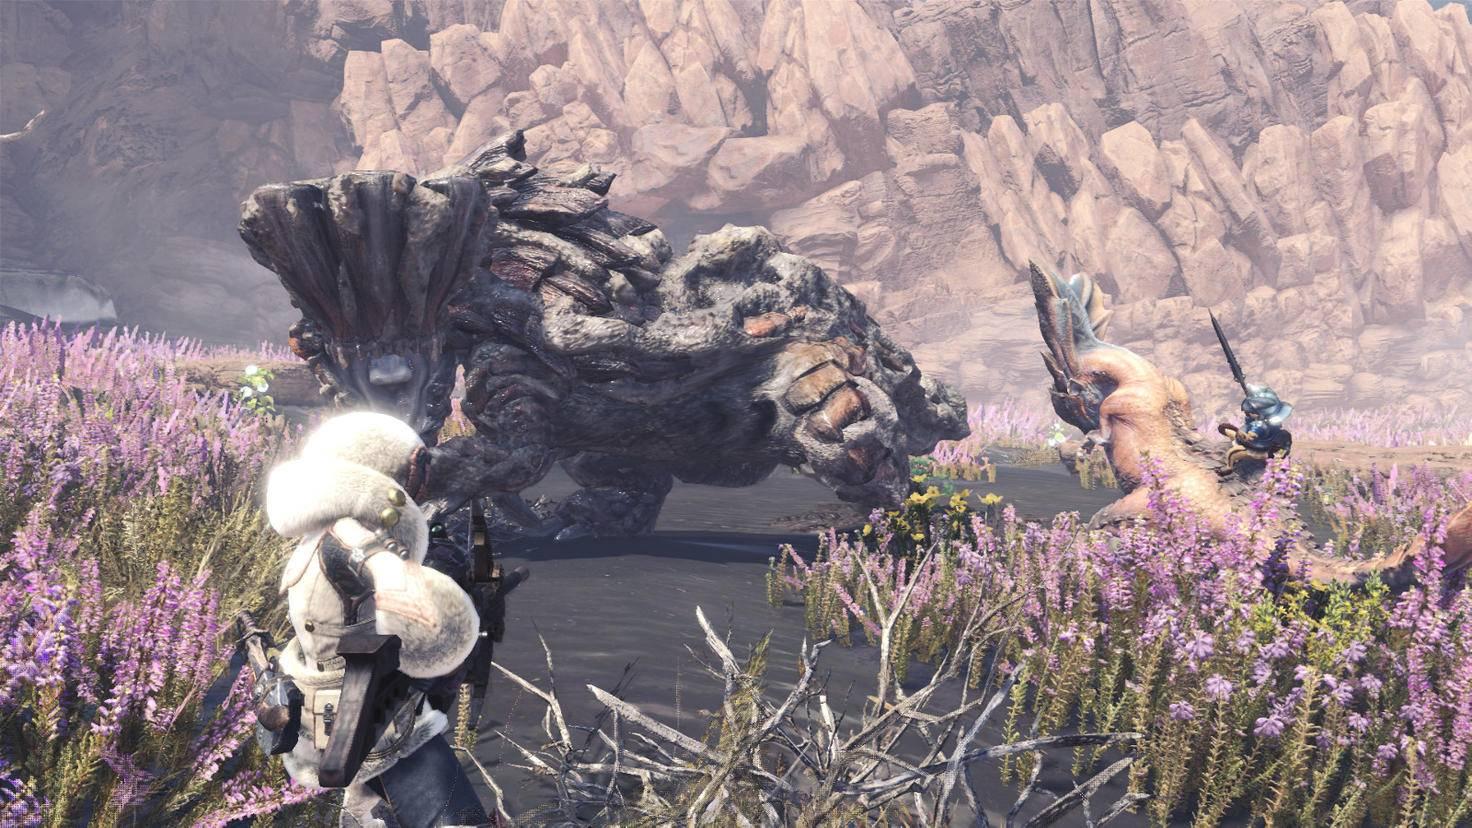 Kämpft Du gegen mehr als ein Monster, ist die automatische Zielerfassung eher störend.